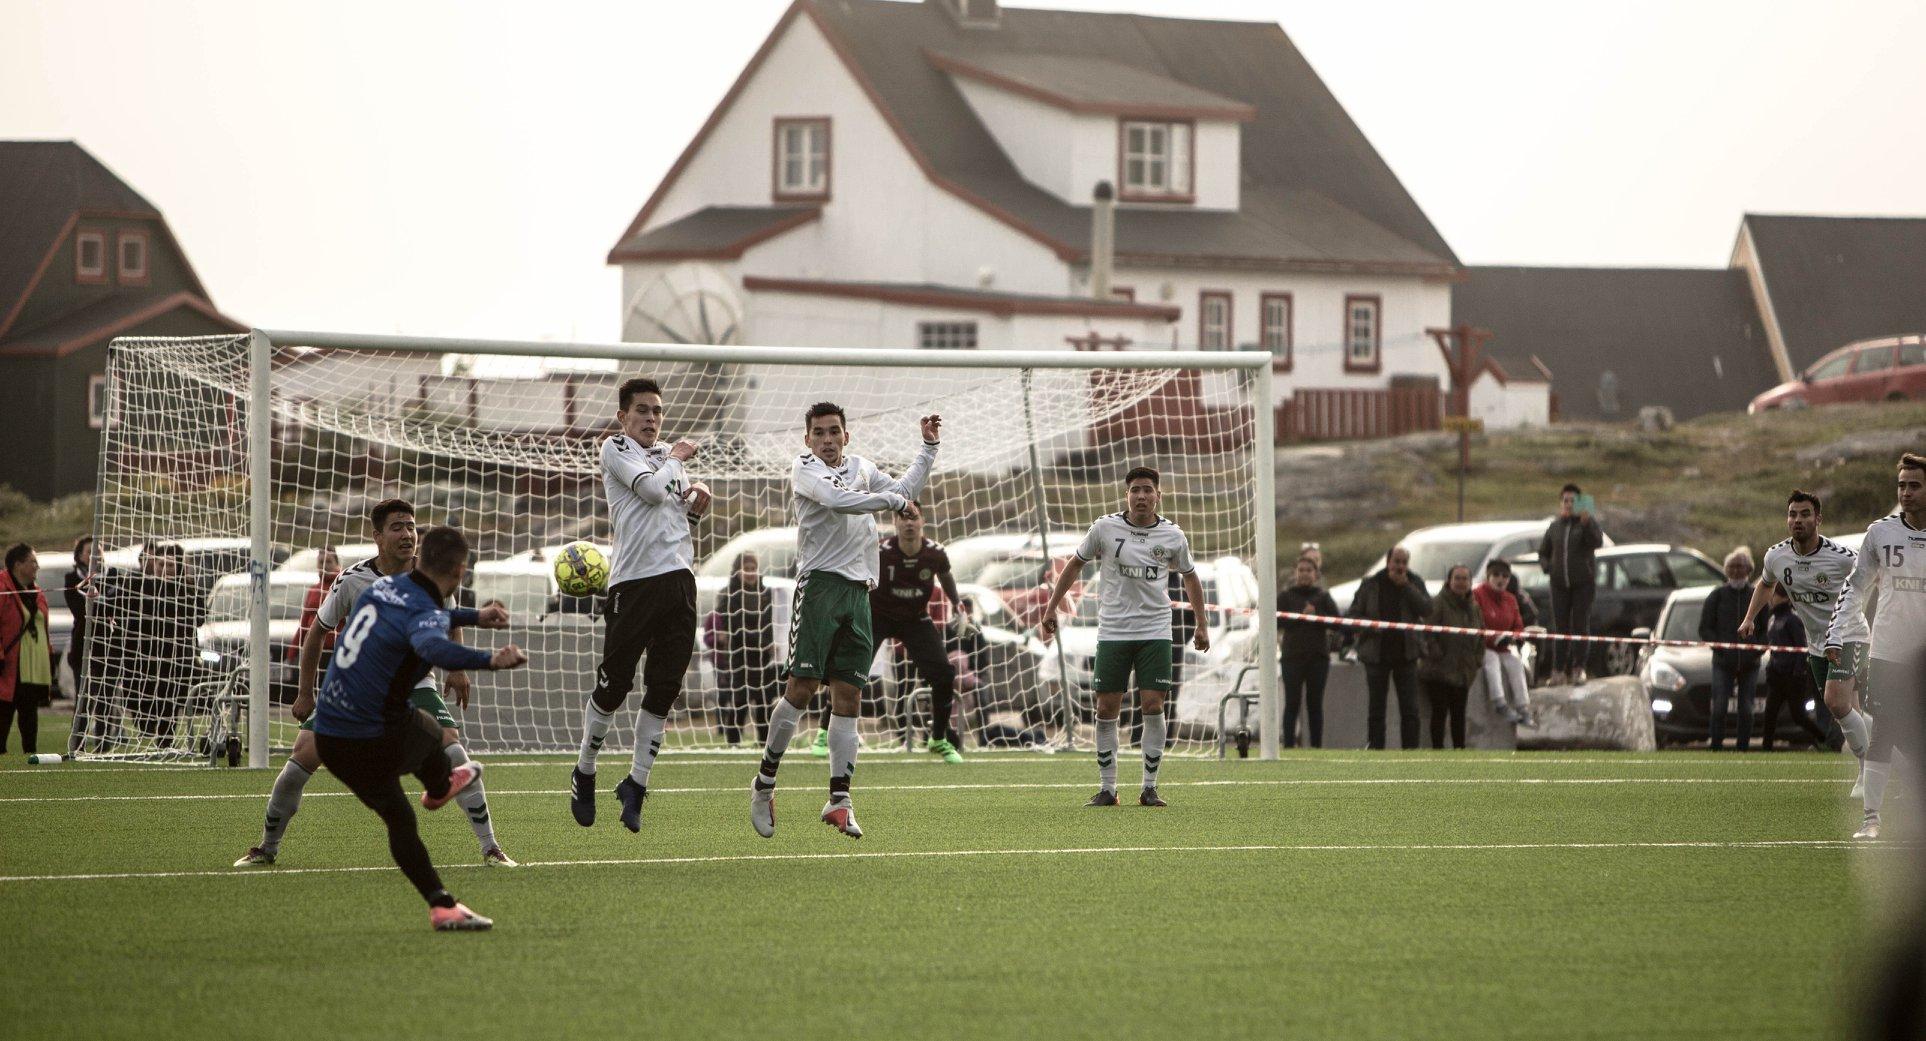 Самое короткое футбольное соревнование в мире: в Гренландии сезон длится одну неделю (+Фото, Видео) - изображение 3